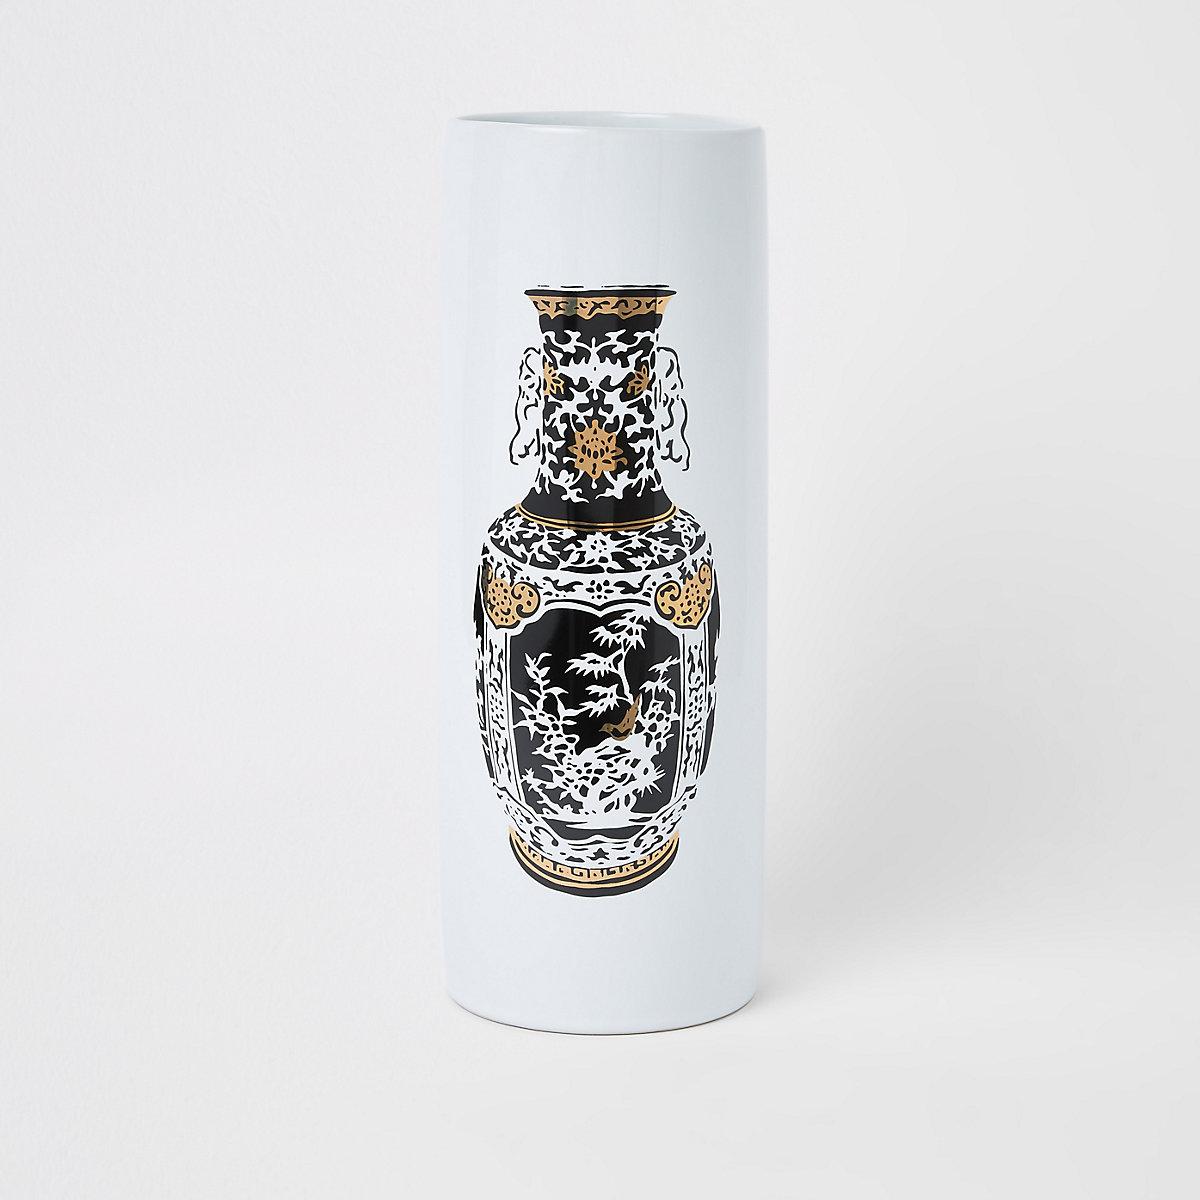 Grand vase en céramique imprimé blanc